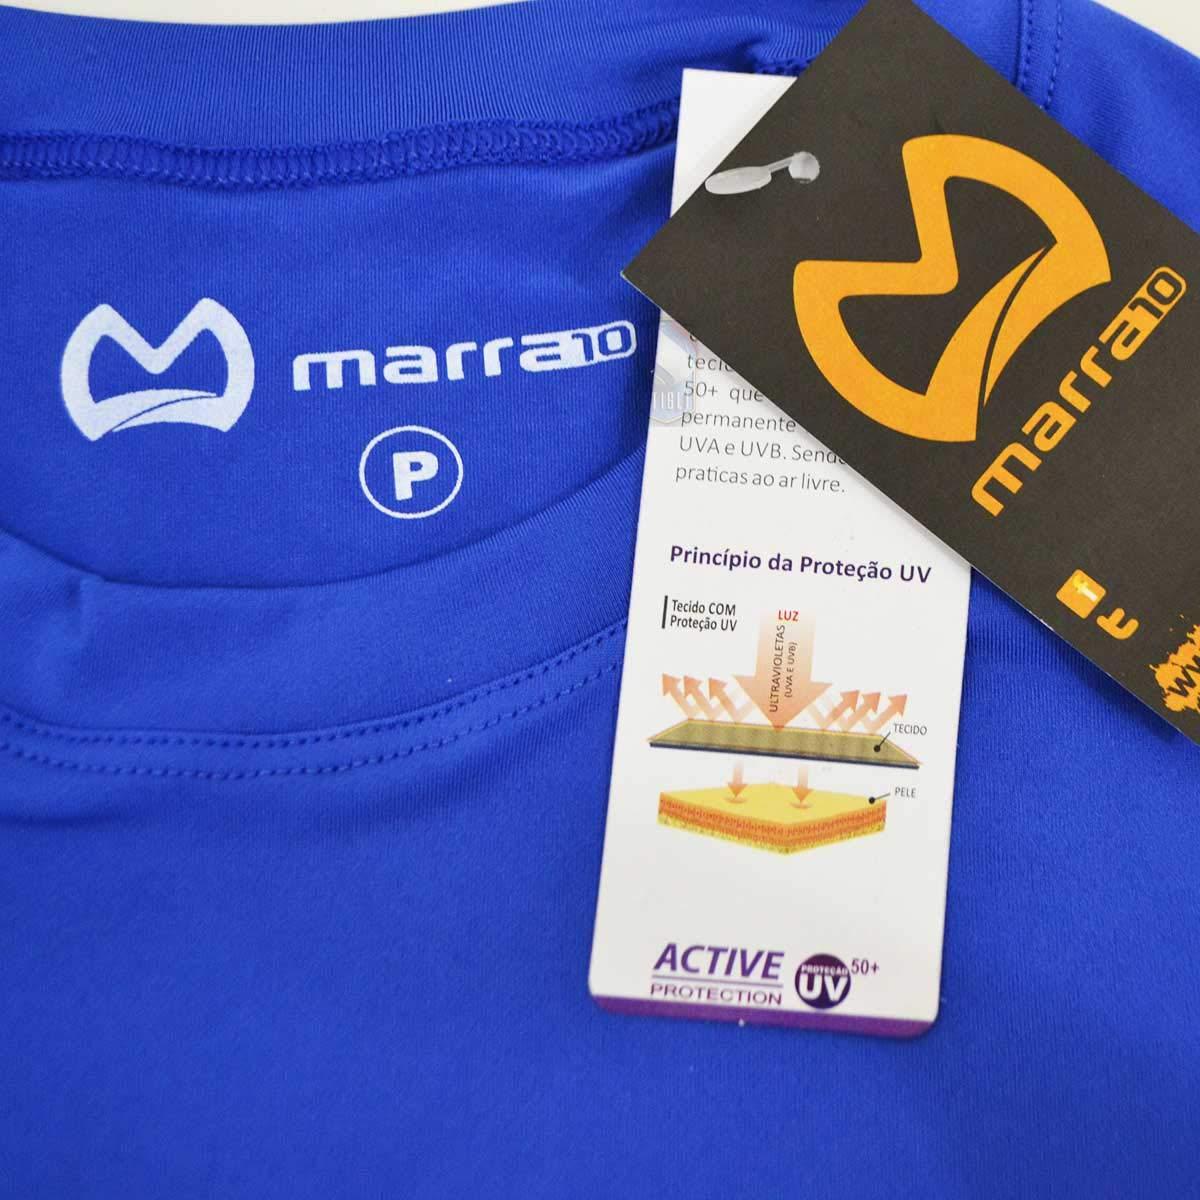 Camisa De Compressão Térmica Marra 10 Pro Proteção Solar Manga Longa   Amazon.com.br  Esportes e Aventura ec444e1cdf1a7